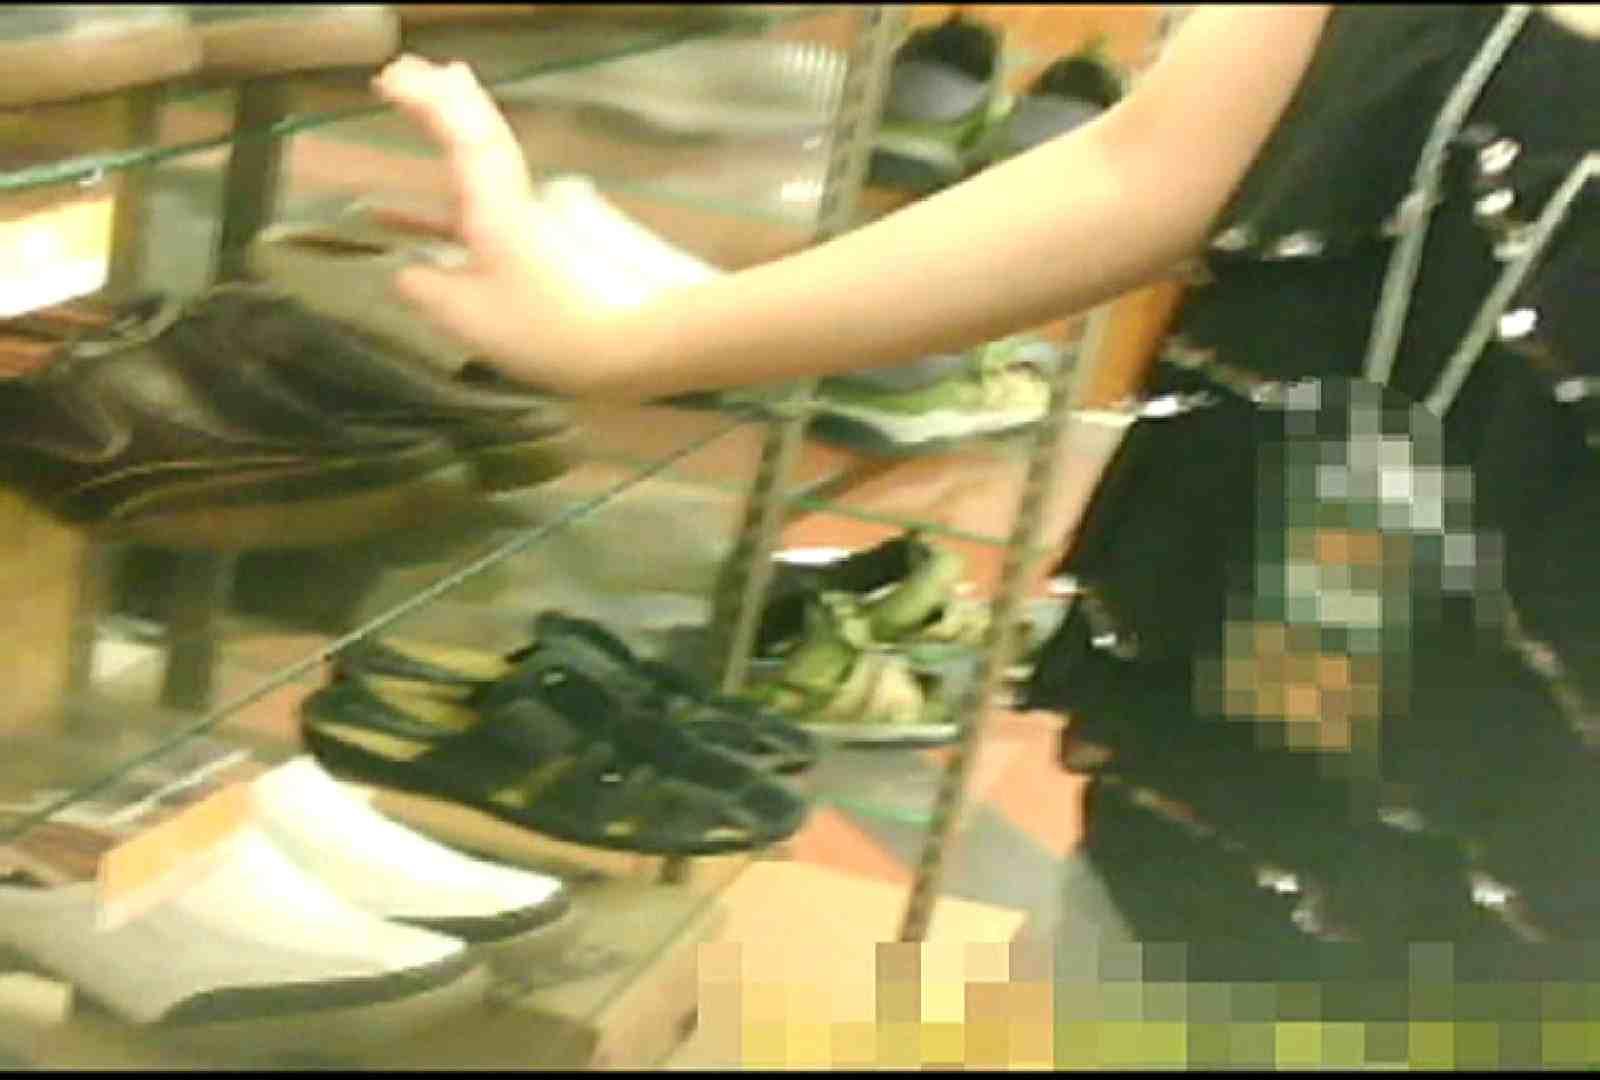 「ノゾキスト」さんの陰撮!!美女サルベージVol.1 覗き スケベ動画紹介 97連発 54